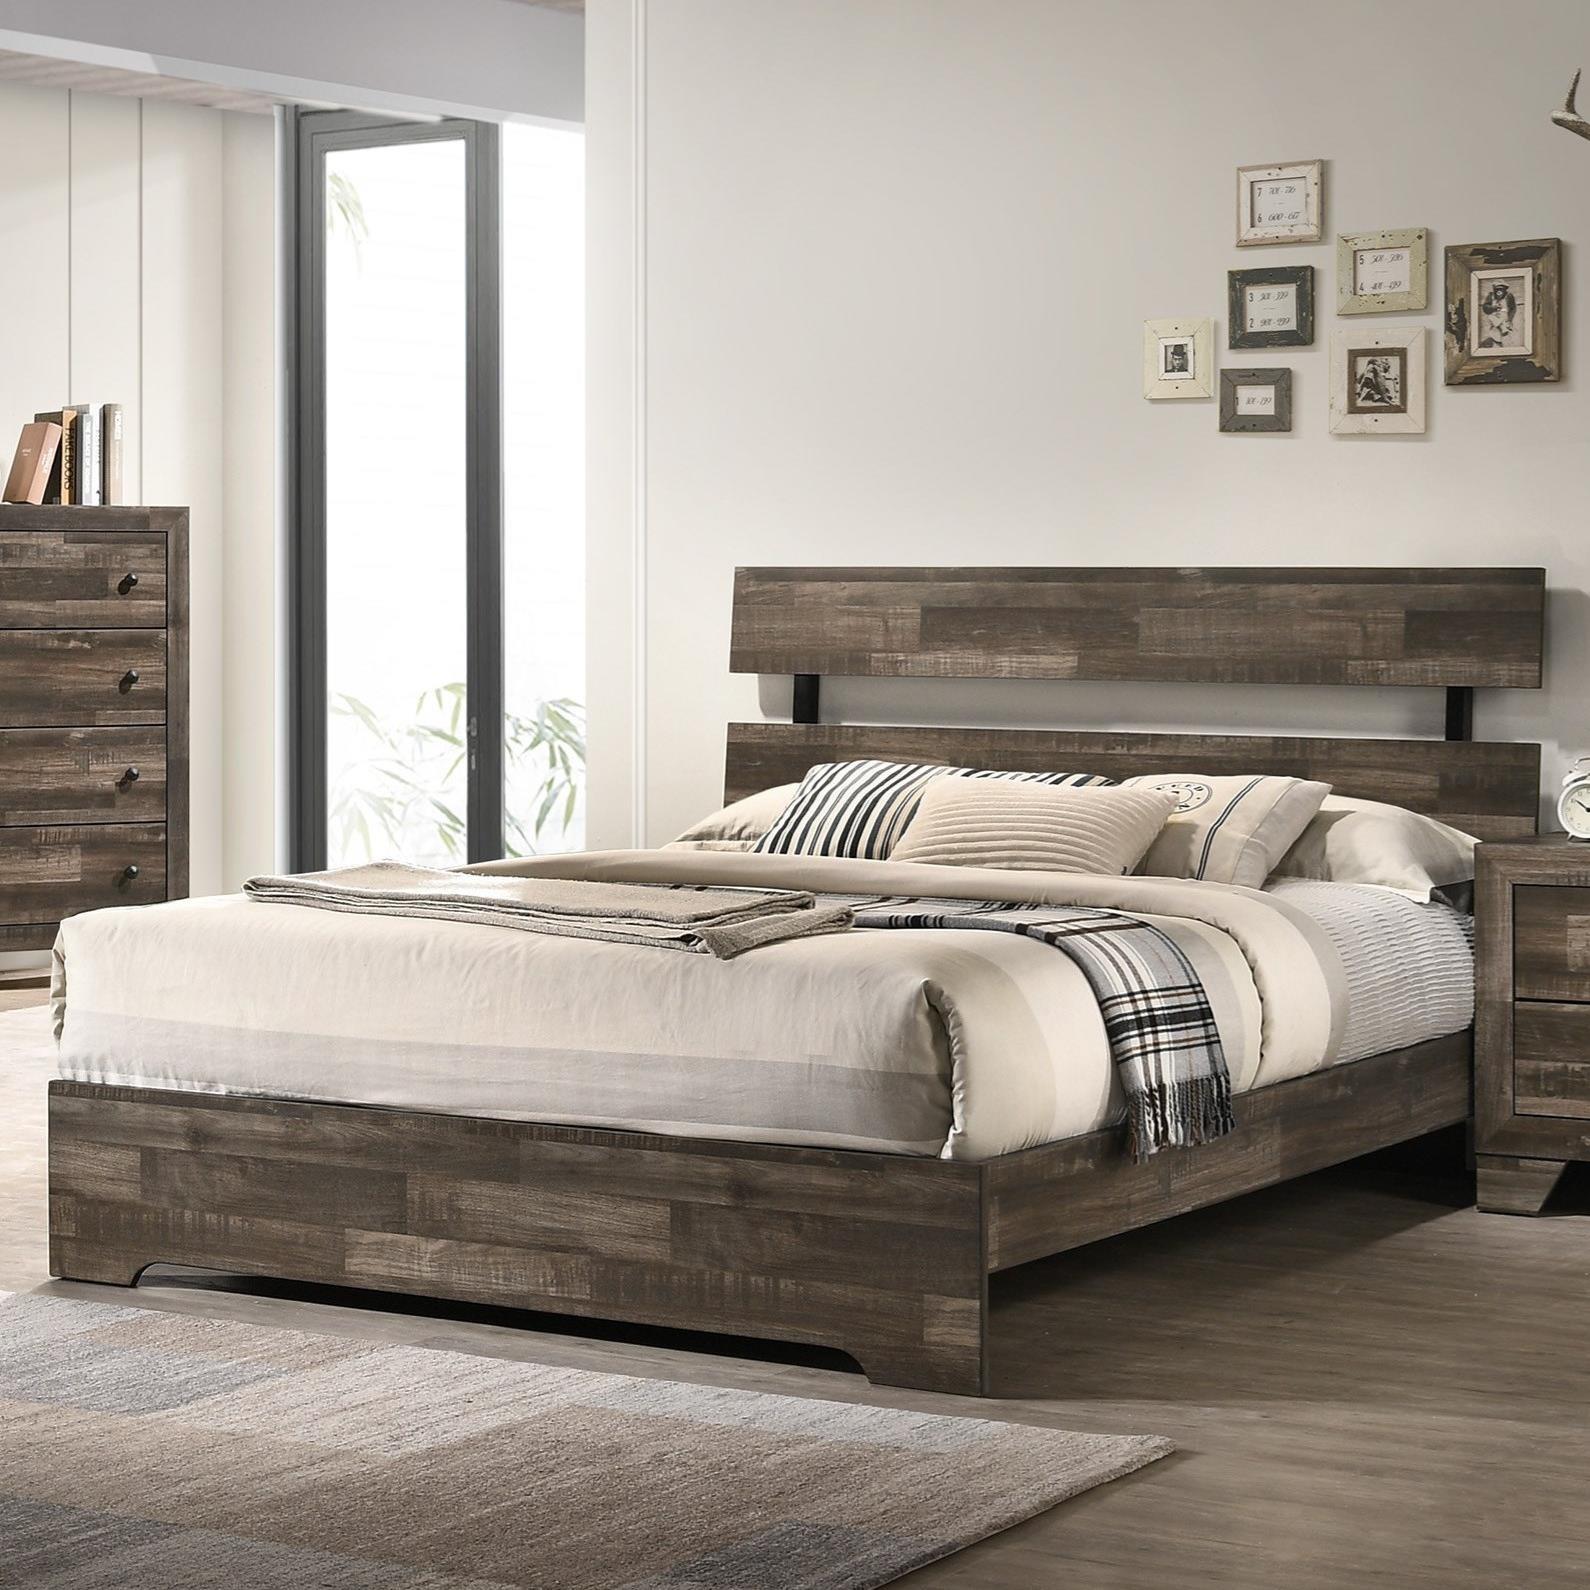 atticus california king bed